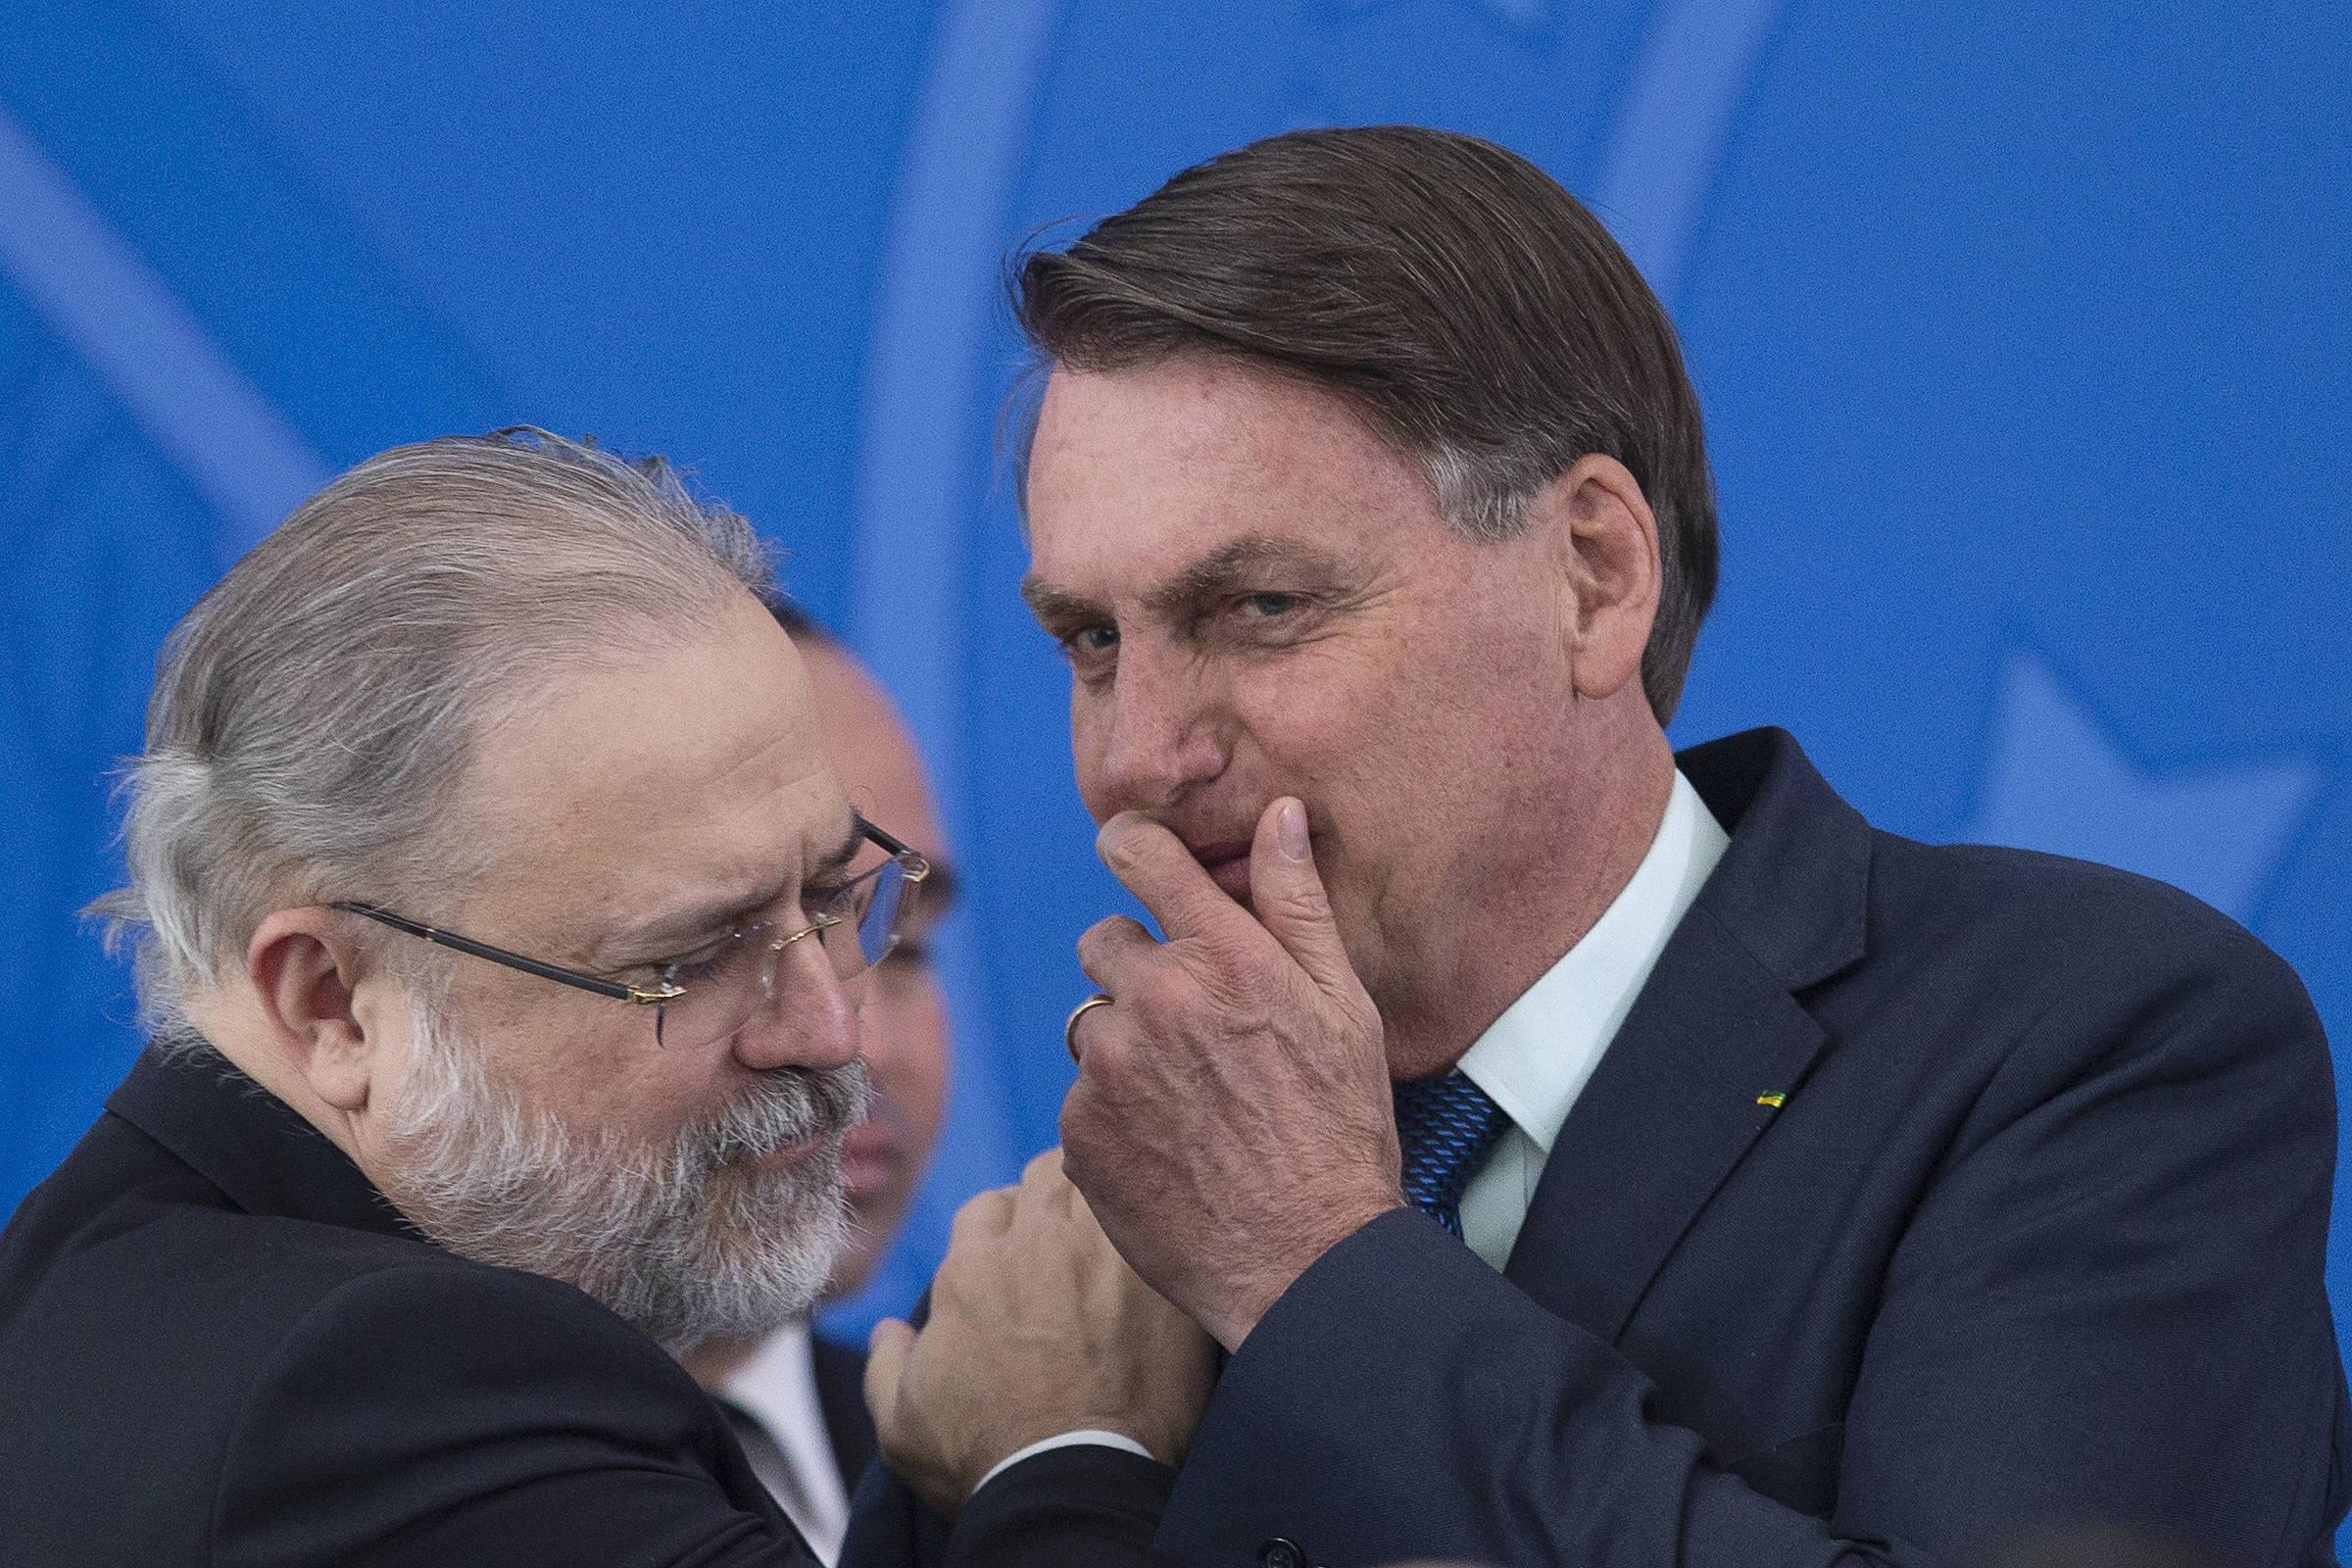 Aras avisa que vai aliviar para Bolsonaro, mas é o que insinua que preocupa  - 20/01/2021 - Poder - Folha